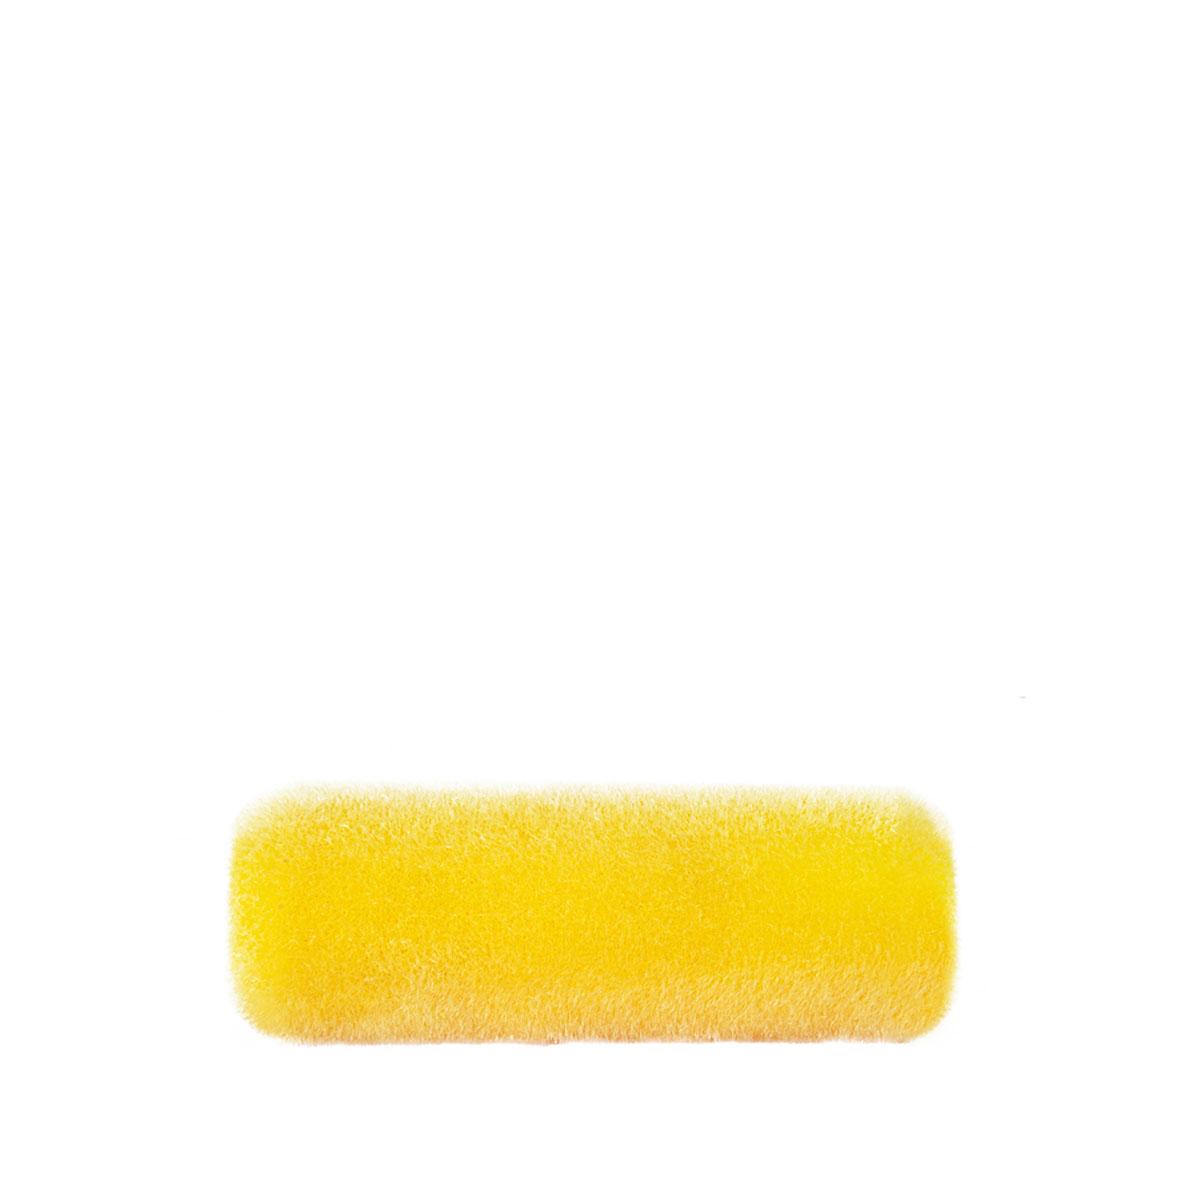 Friess Heizkörperwalze Superflock 10cm, 4mm Flor, versch. Ausführungen